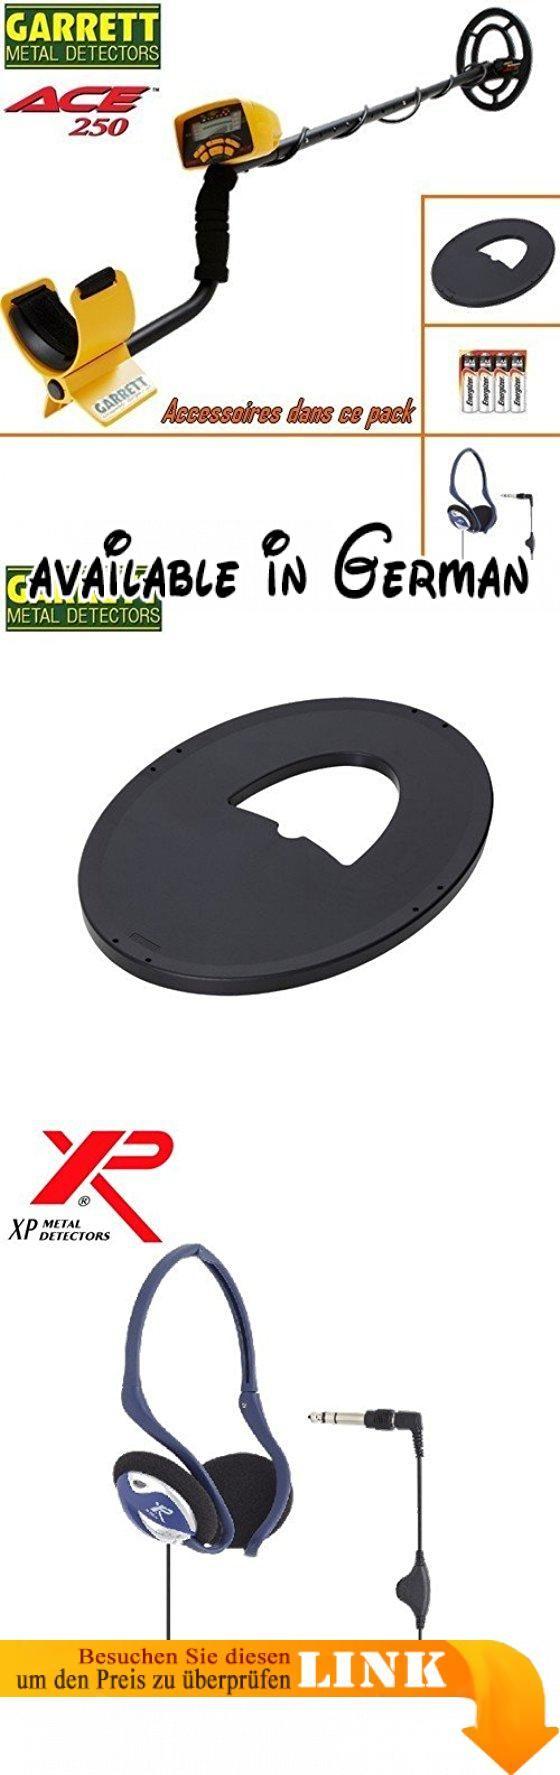 GarrettMetalldetektor Ace 250, Lieferung mit Schutzhülle + faltbarem Headset.. Dieses Gerät hat eine Frequenz von Arbeit von 6,5kHz ermöglicht es, das finden der Eisenmetalle und Guß, Bunt auf eine gute Tiefe.. Er besitzt eine, Pinpoint, für gezielt sowie eine Diskriminierung von Metall verstellbar. 5Modi von Forschung zur Verfügung stehen.. Anzeige und Target-Identifizierung Grafik auf einem großen LCD-Display-Klingelton multi-tons nach der Natur des Metalls..